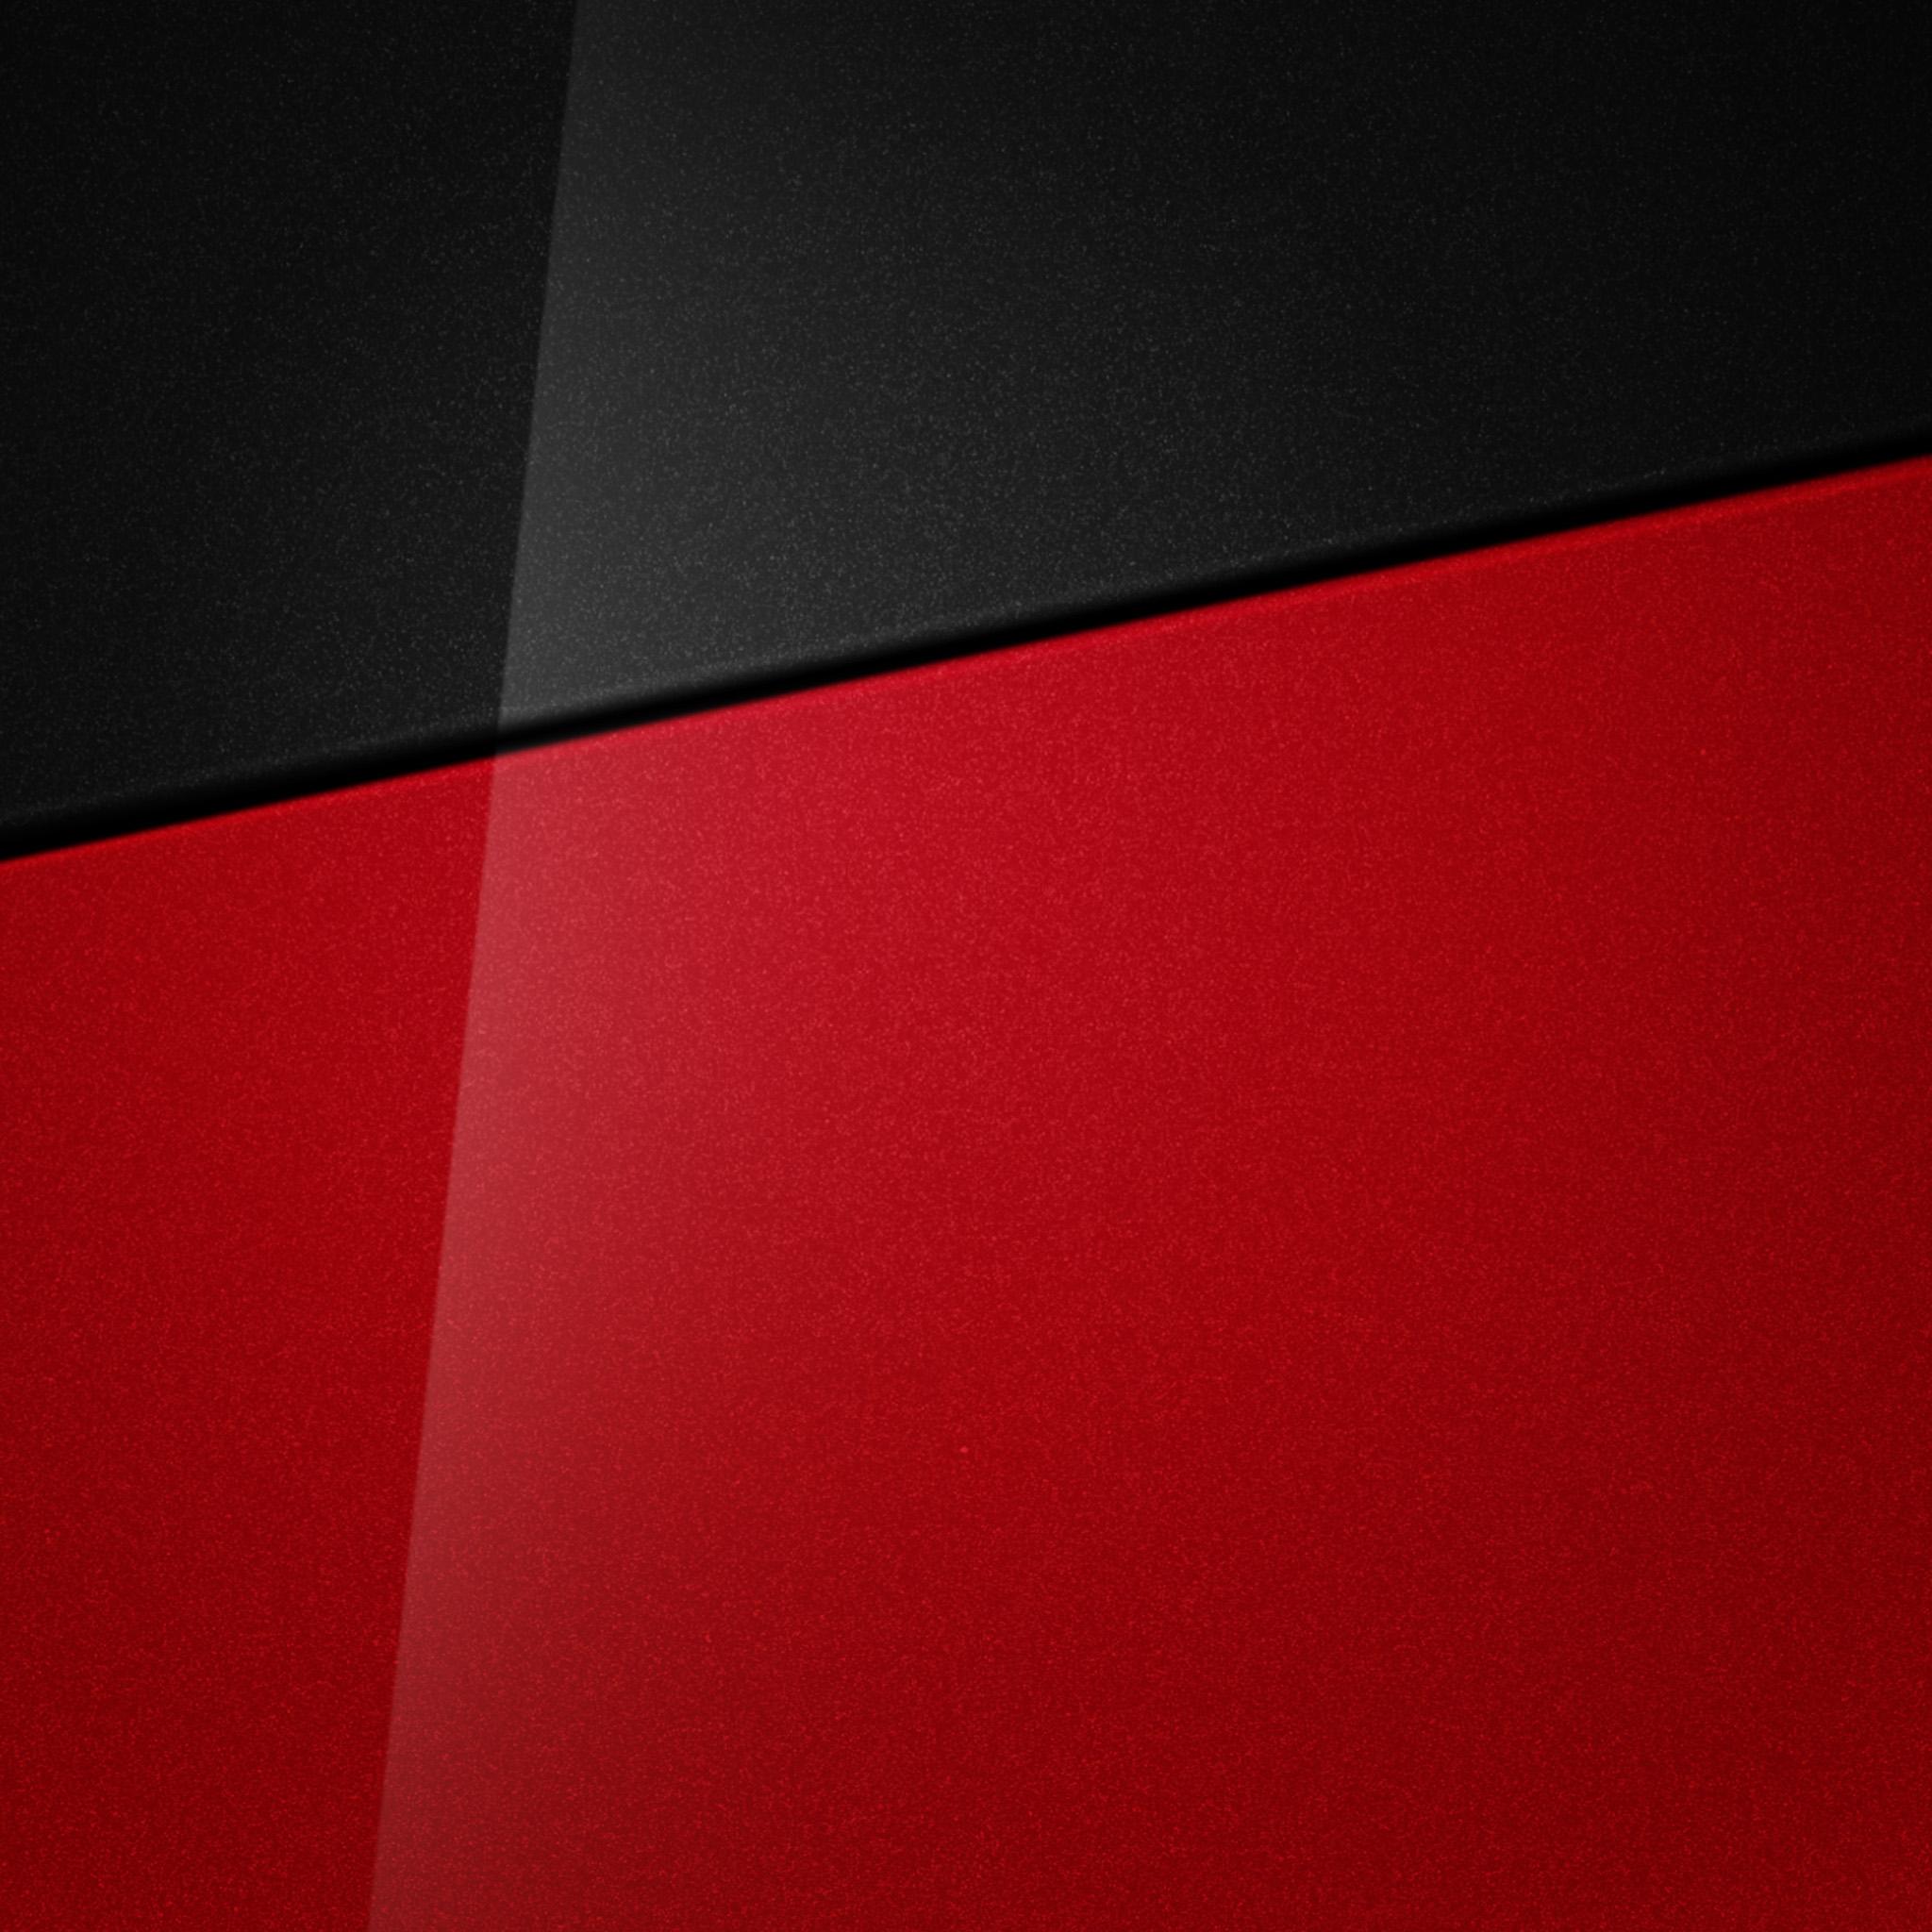 Dragon Red / Schwarz) Bild